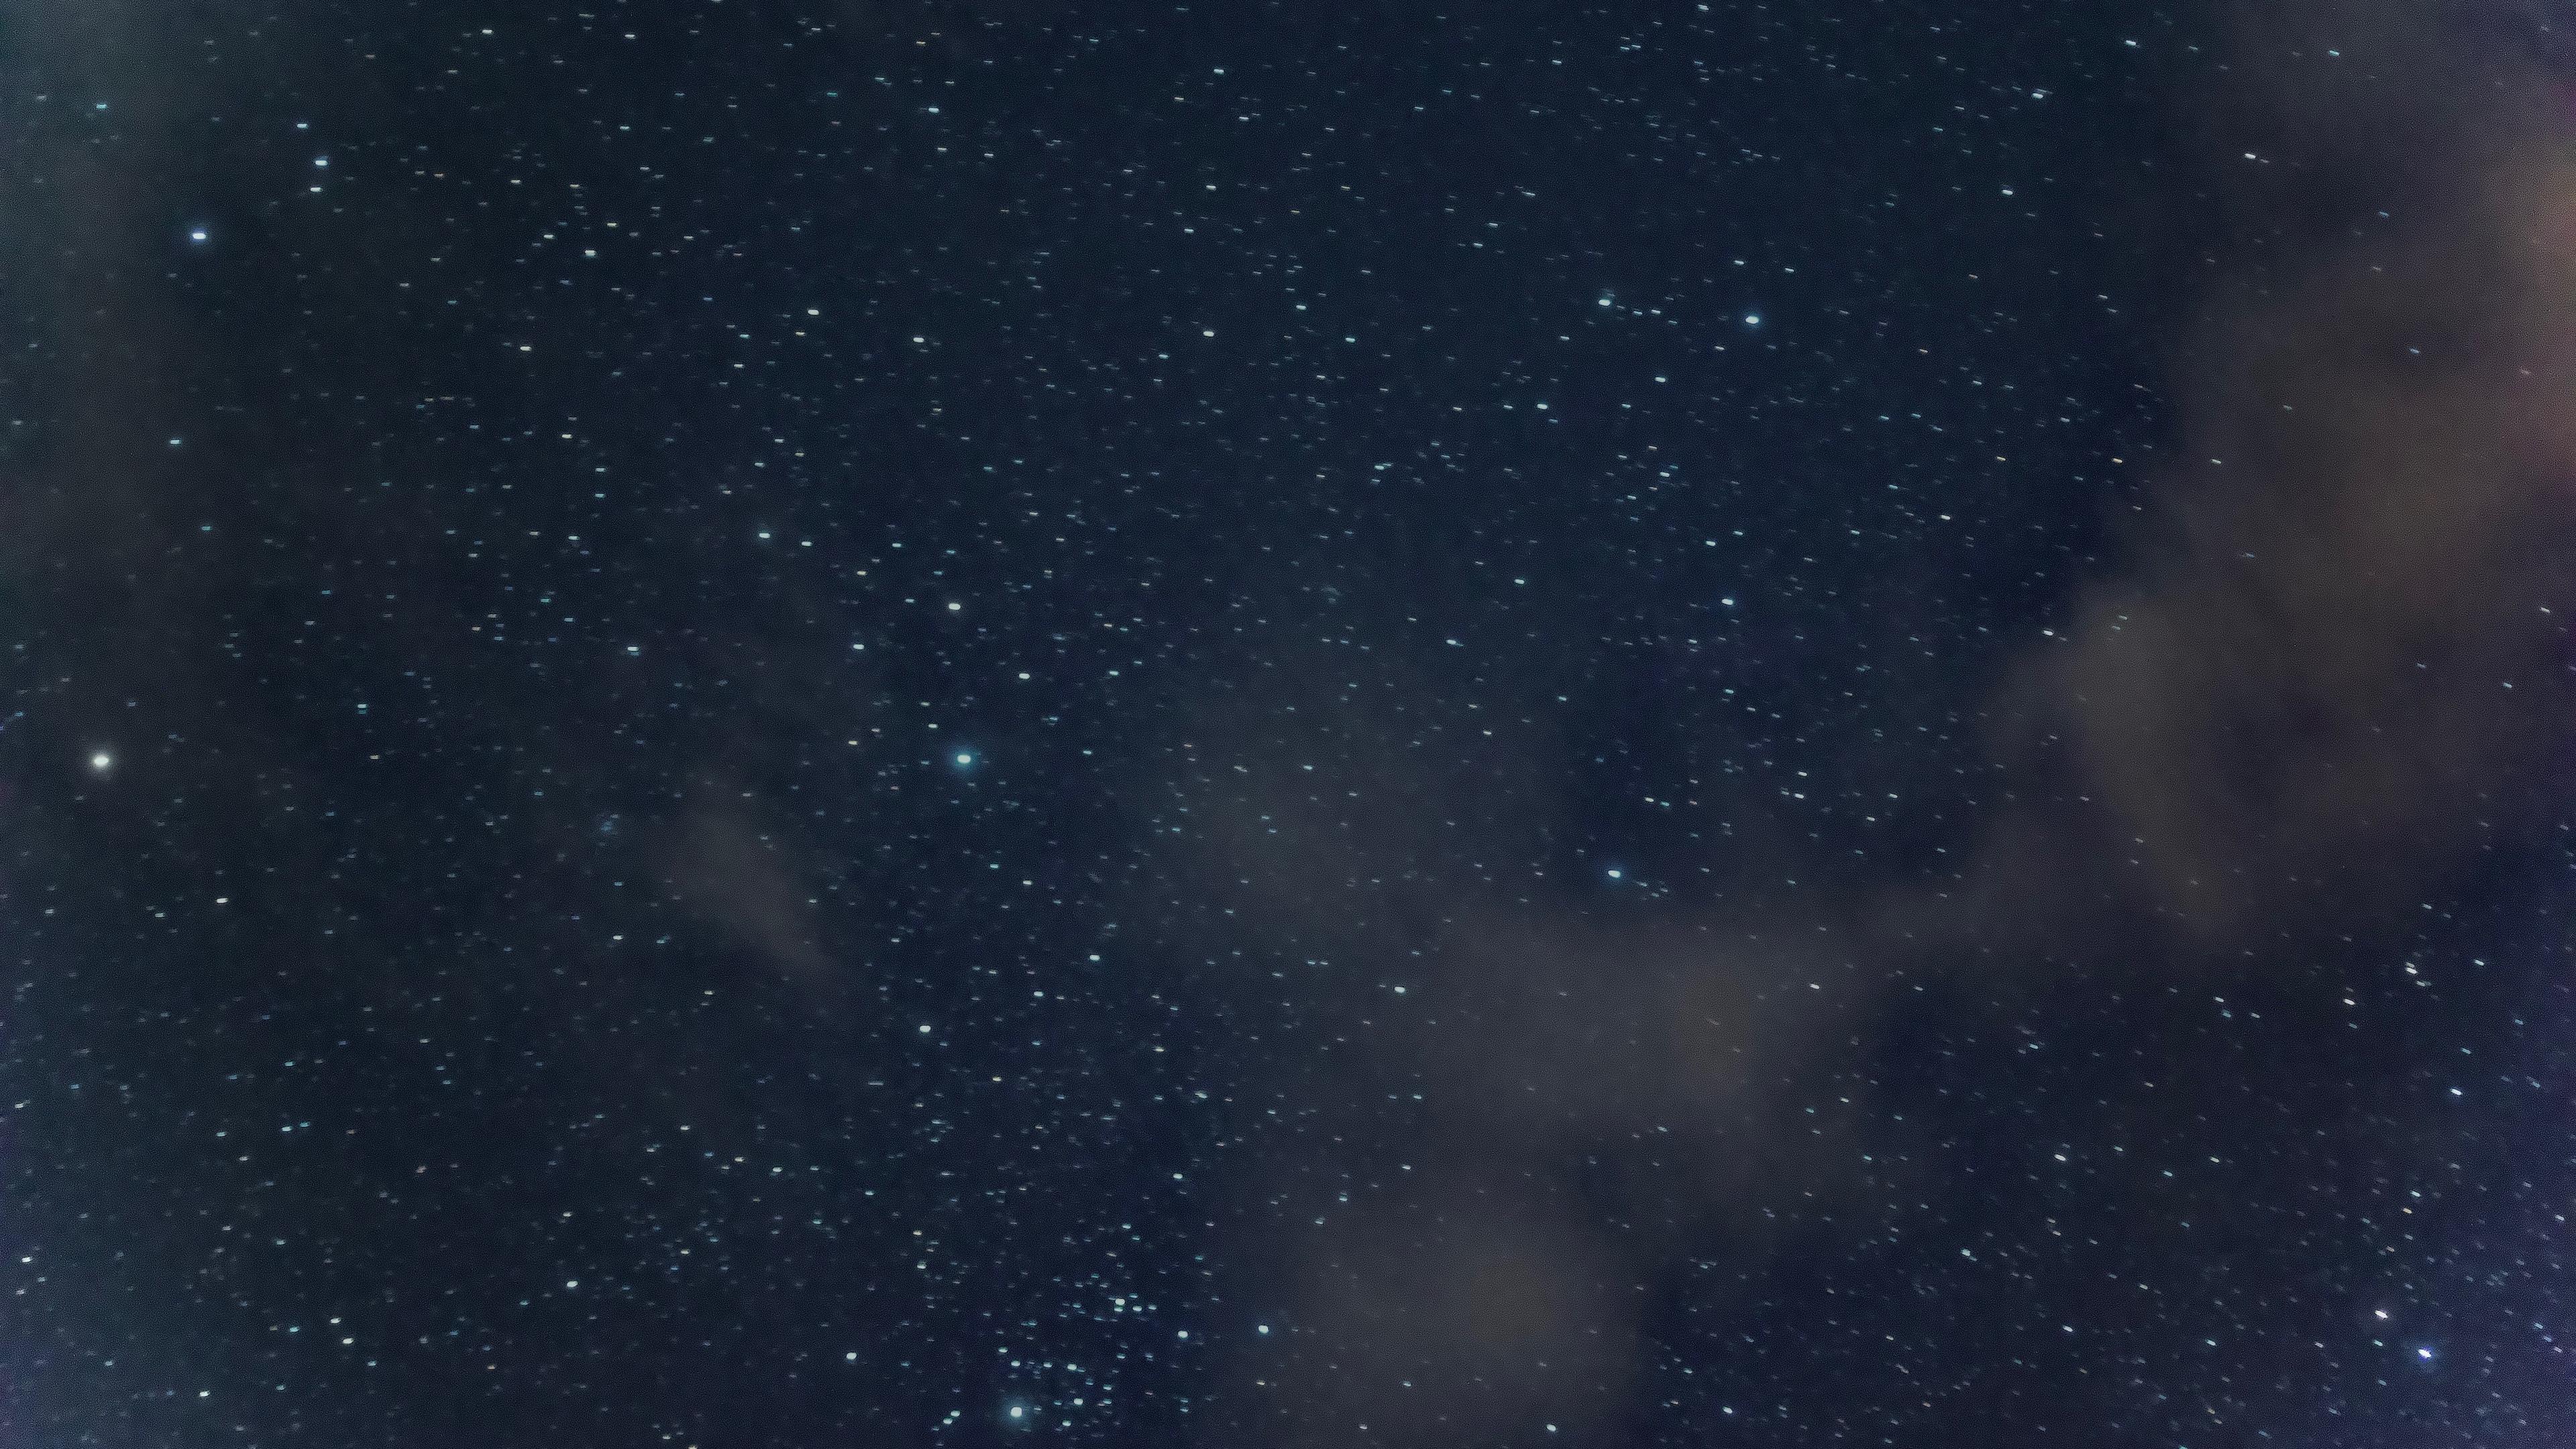 starry sky night glitter 4k 1536013921 - starry sky, night, glitter 4k - starry sky, Night, Glitter